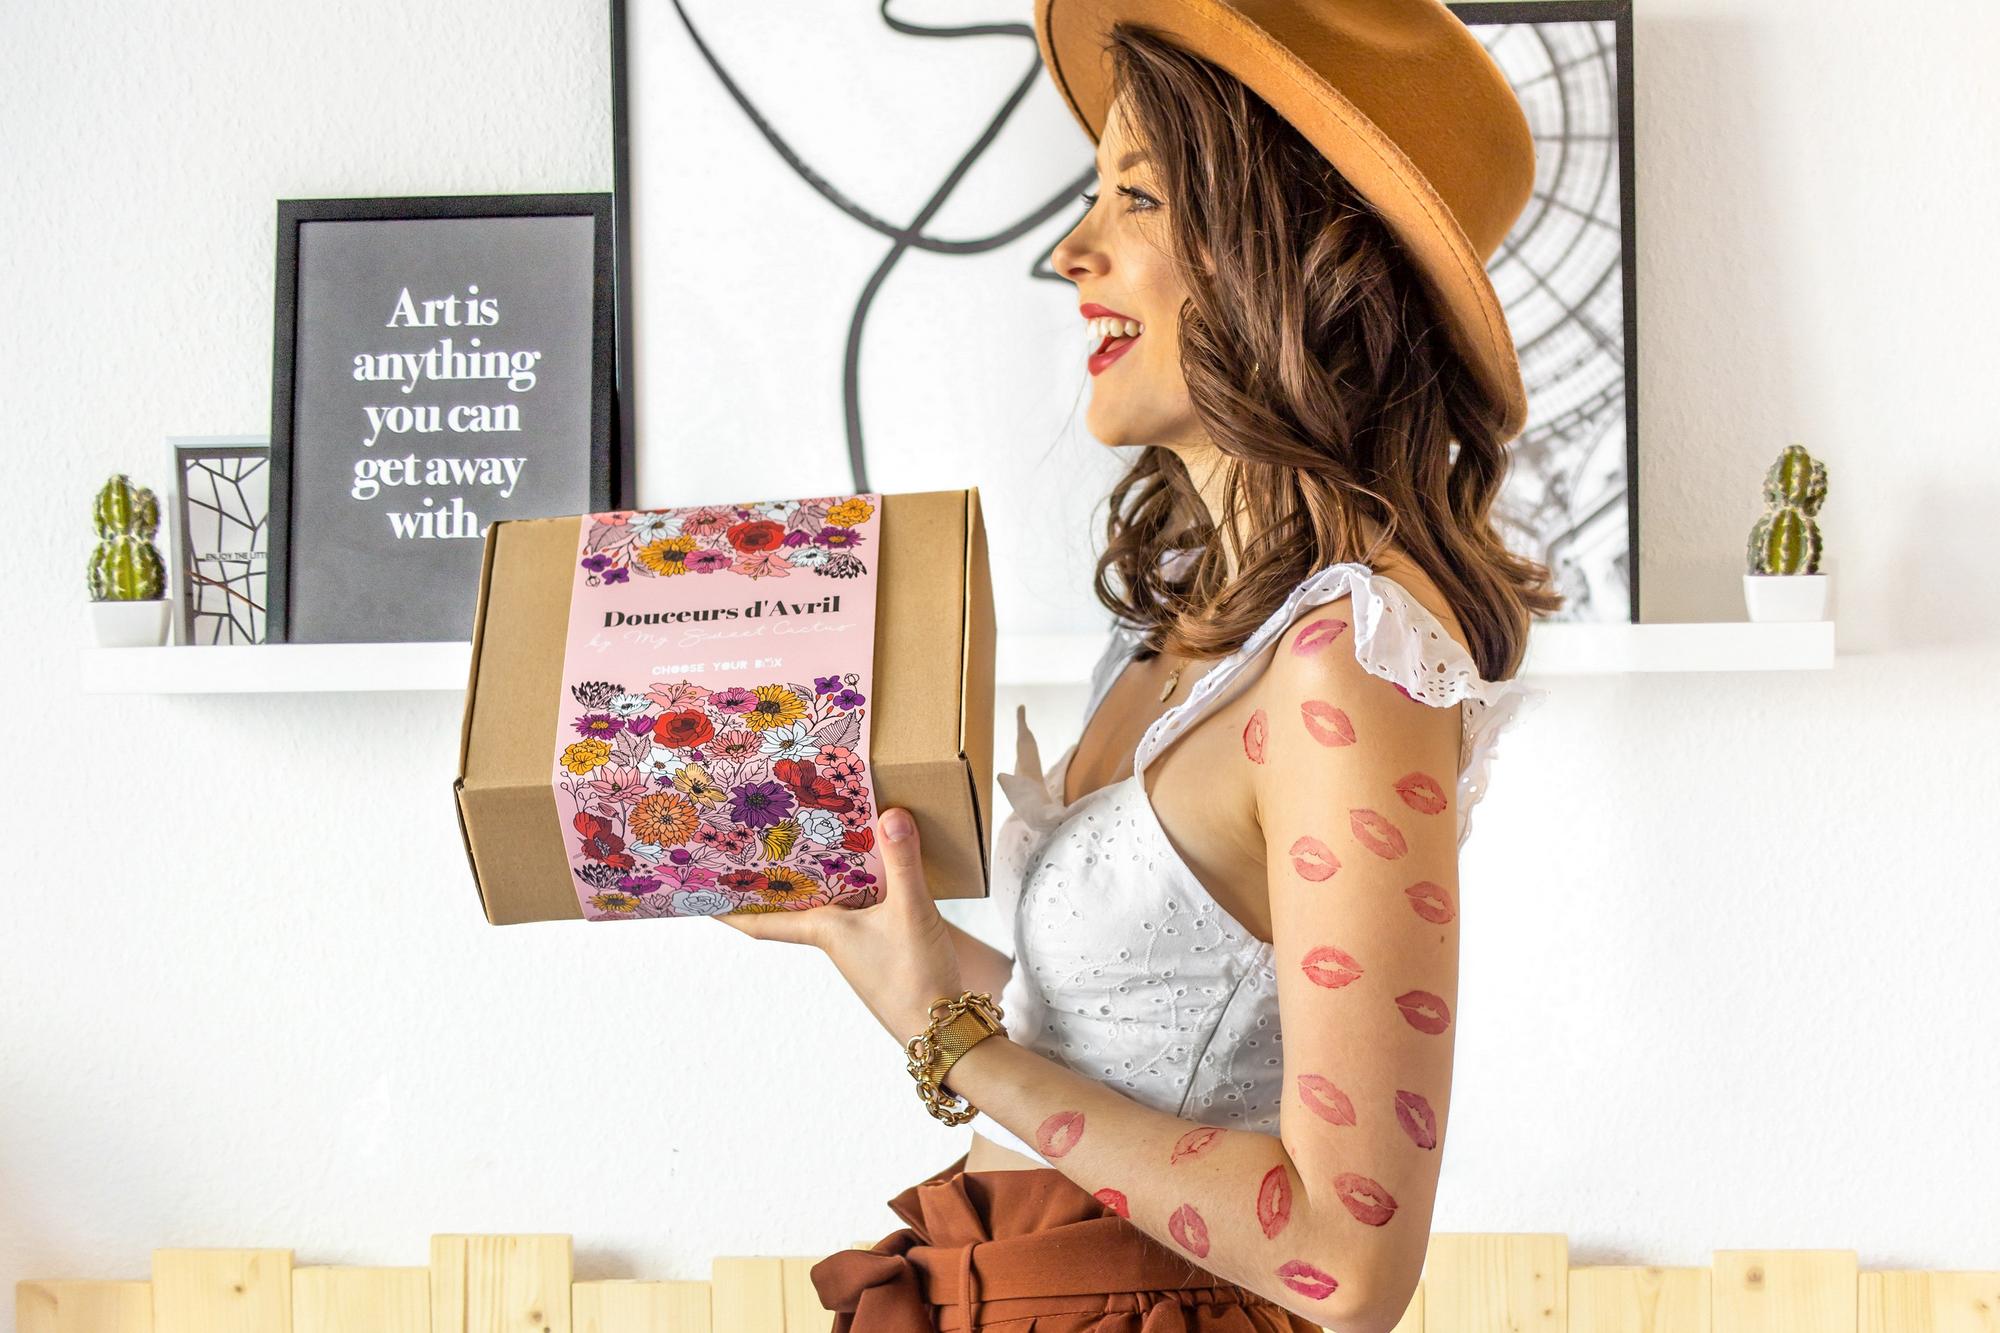 NOUVEAUTÉ : Découvrez les surprises de la box que j'ai co-créée (mode, beauté, déco, food…)